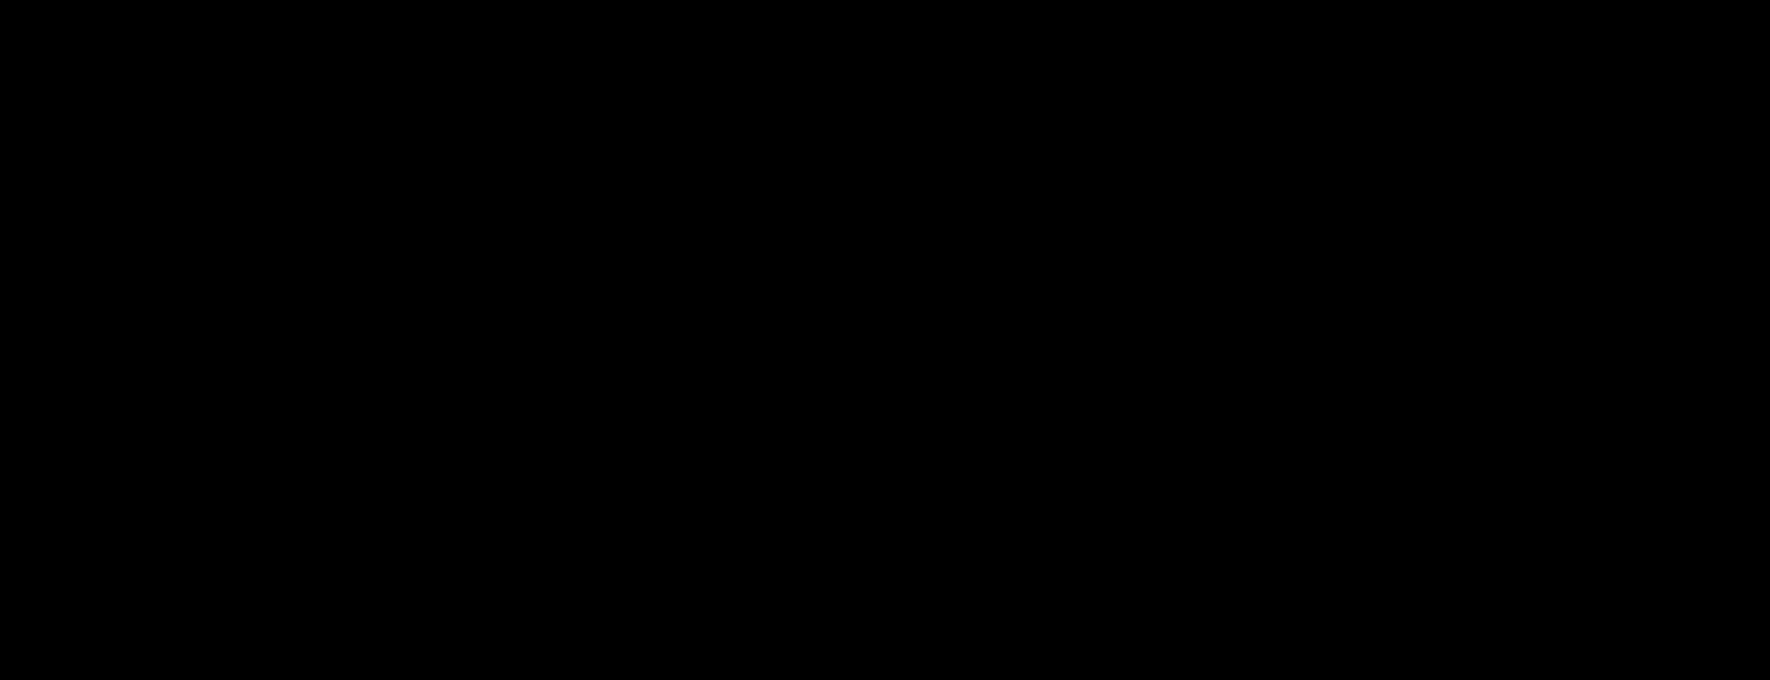 n.kunz grafikdesign